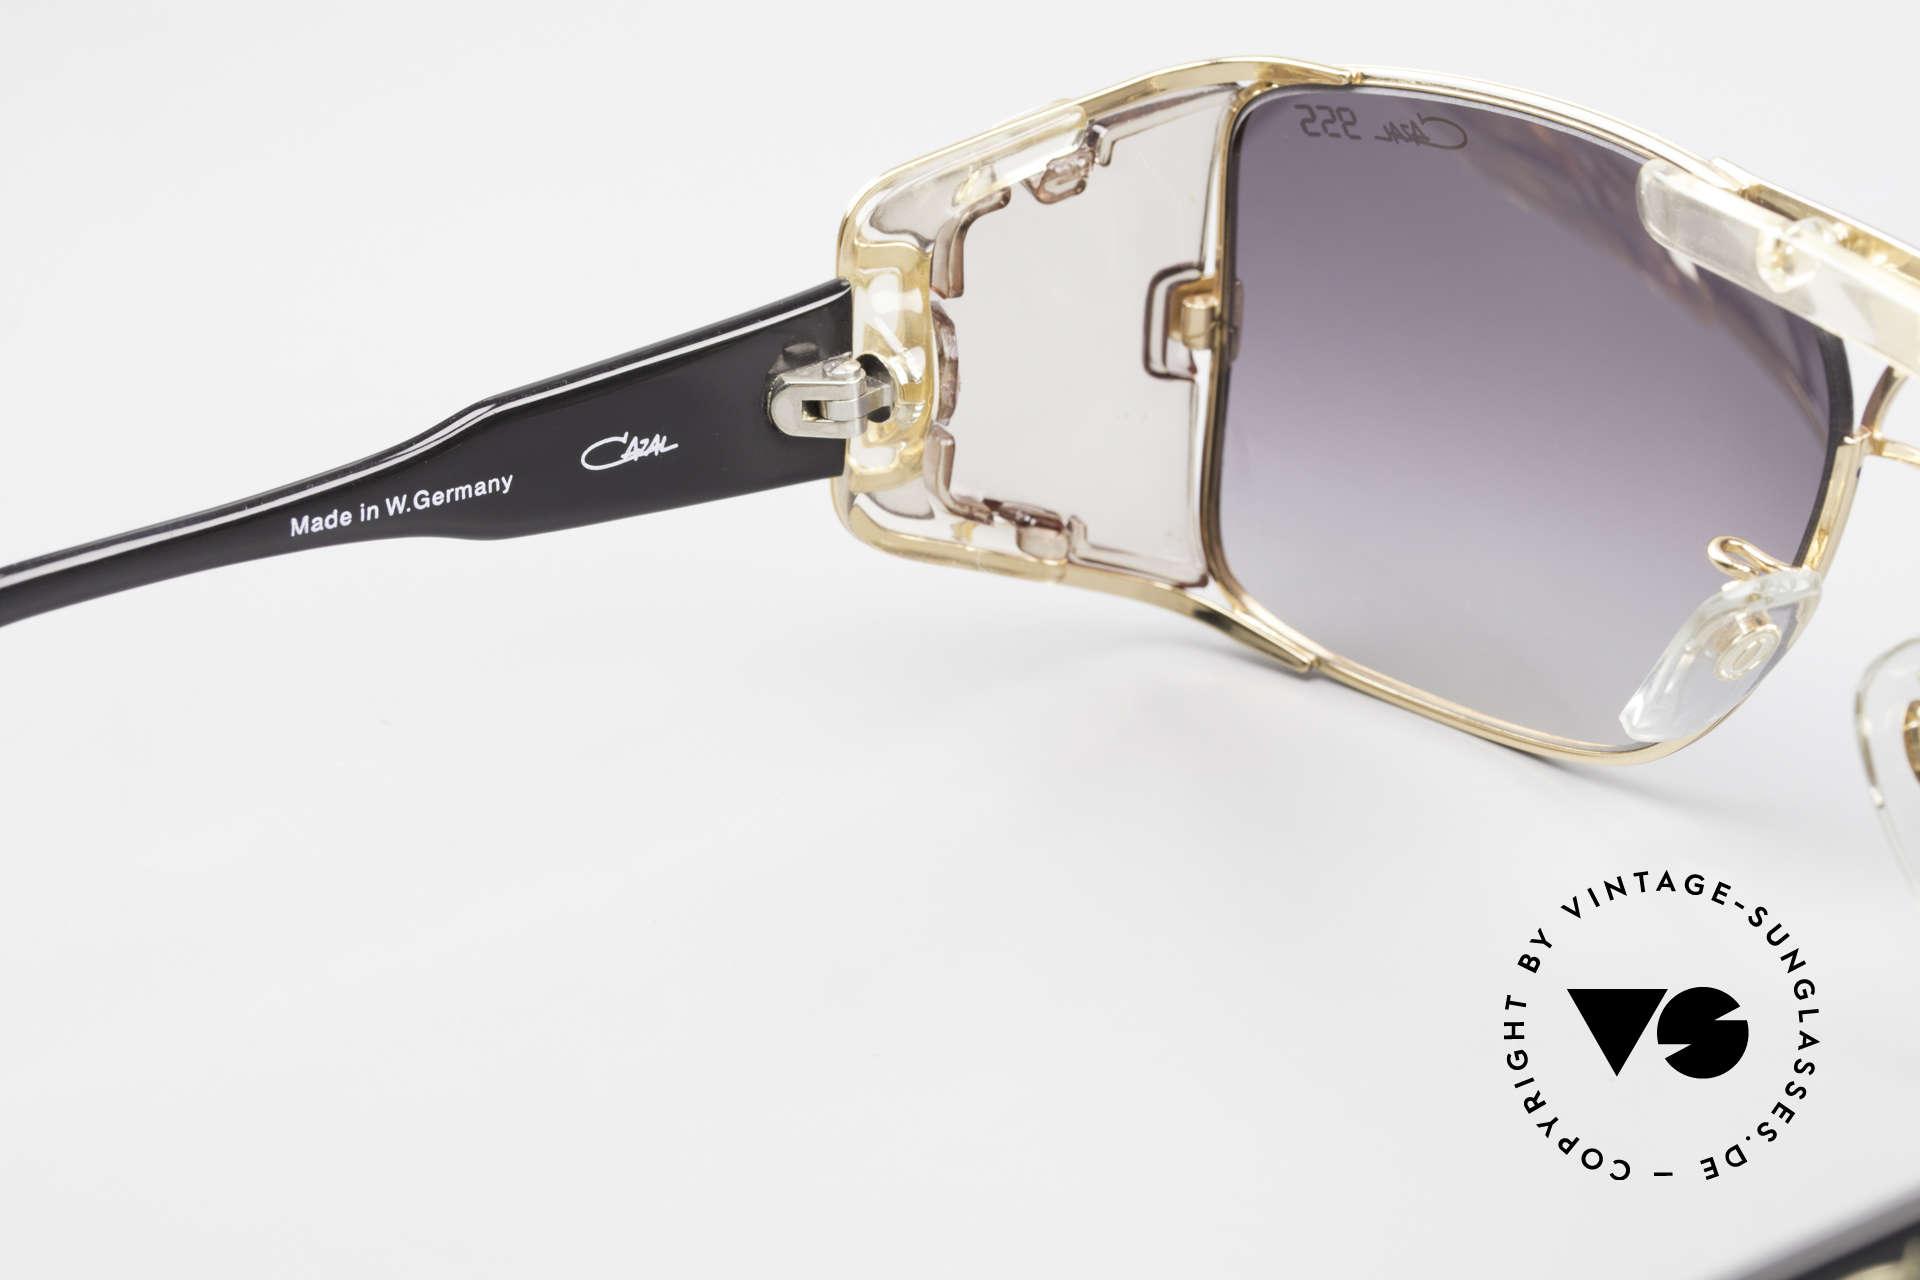 Cazal 955 80er Hip Hop Sonnenbrille, ungetragenes Sammlerstück, da 'made in W.GERMANY', Passend für Herren